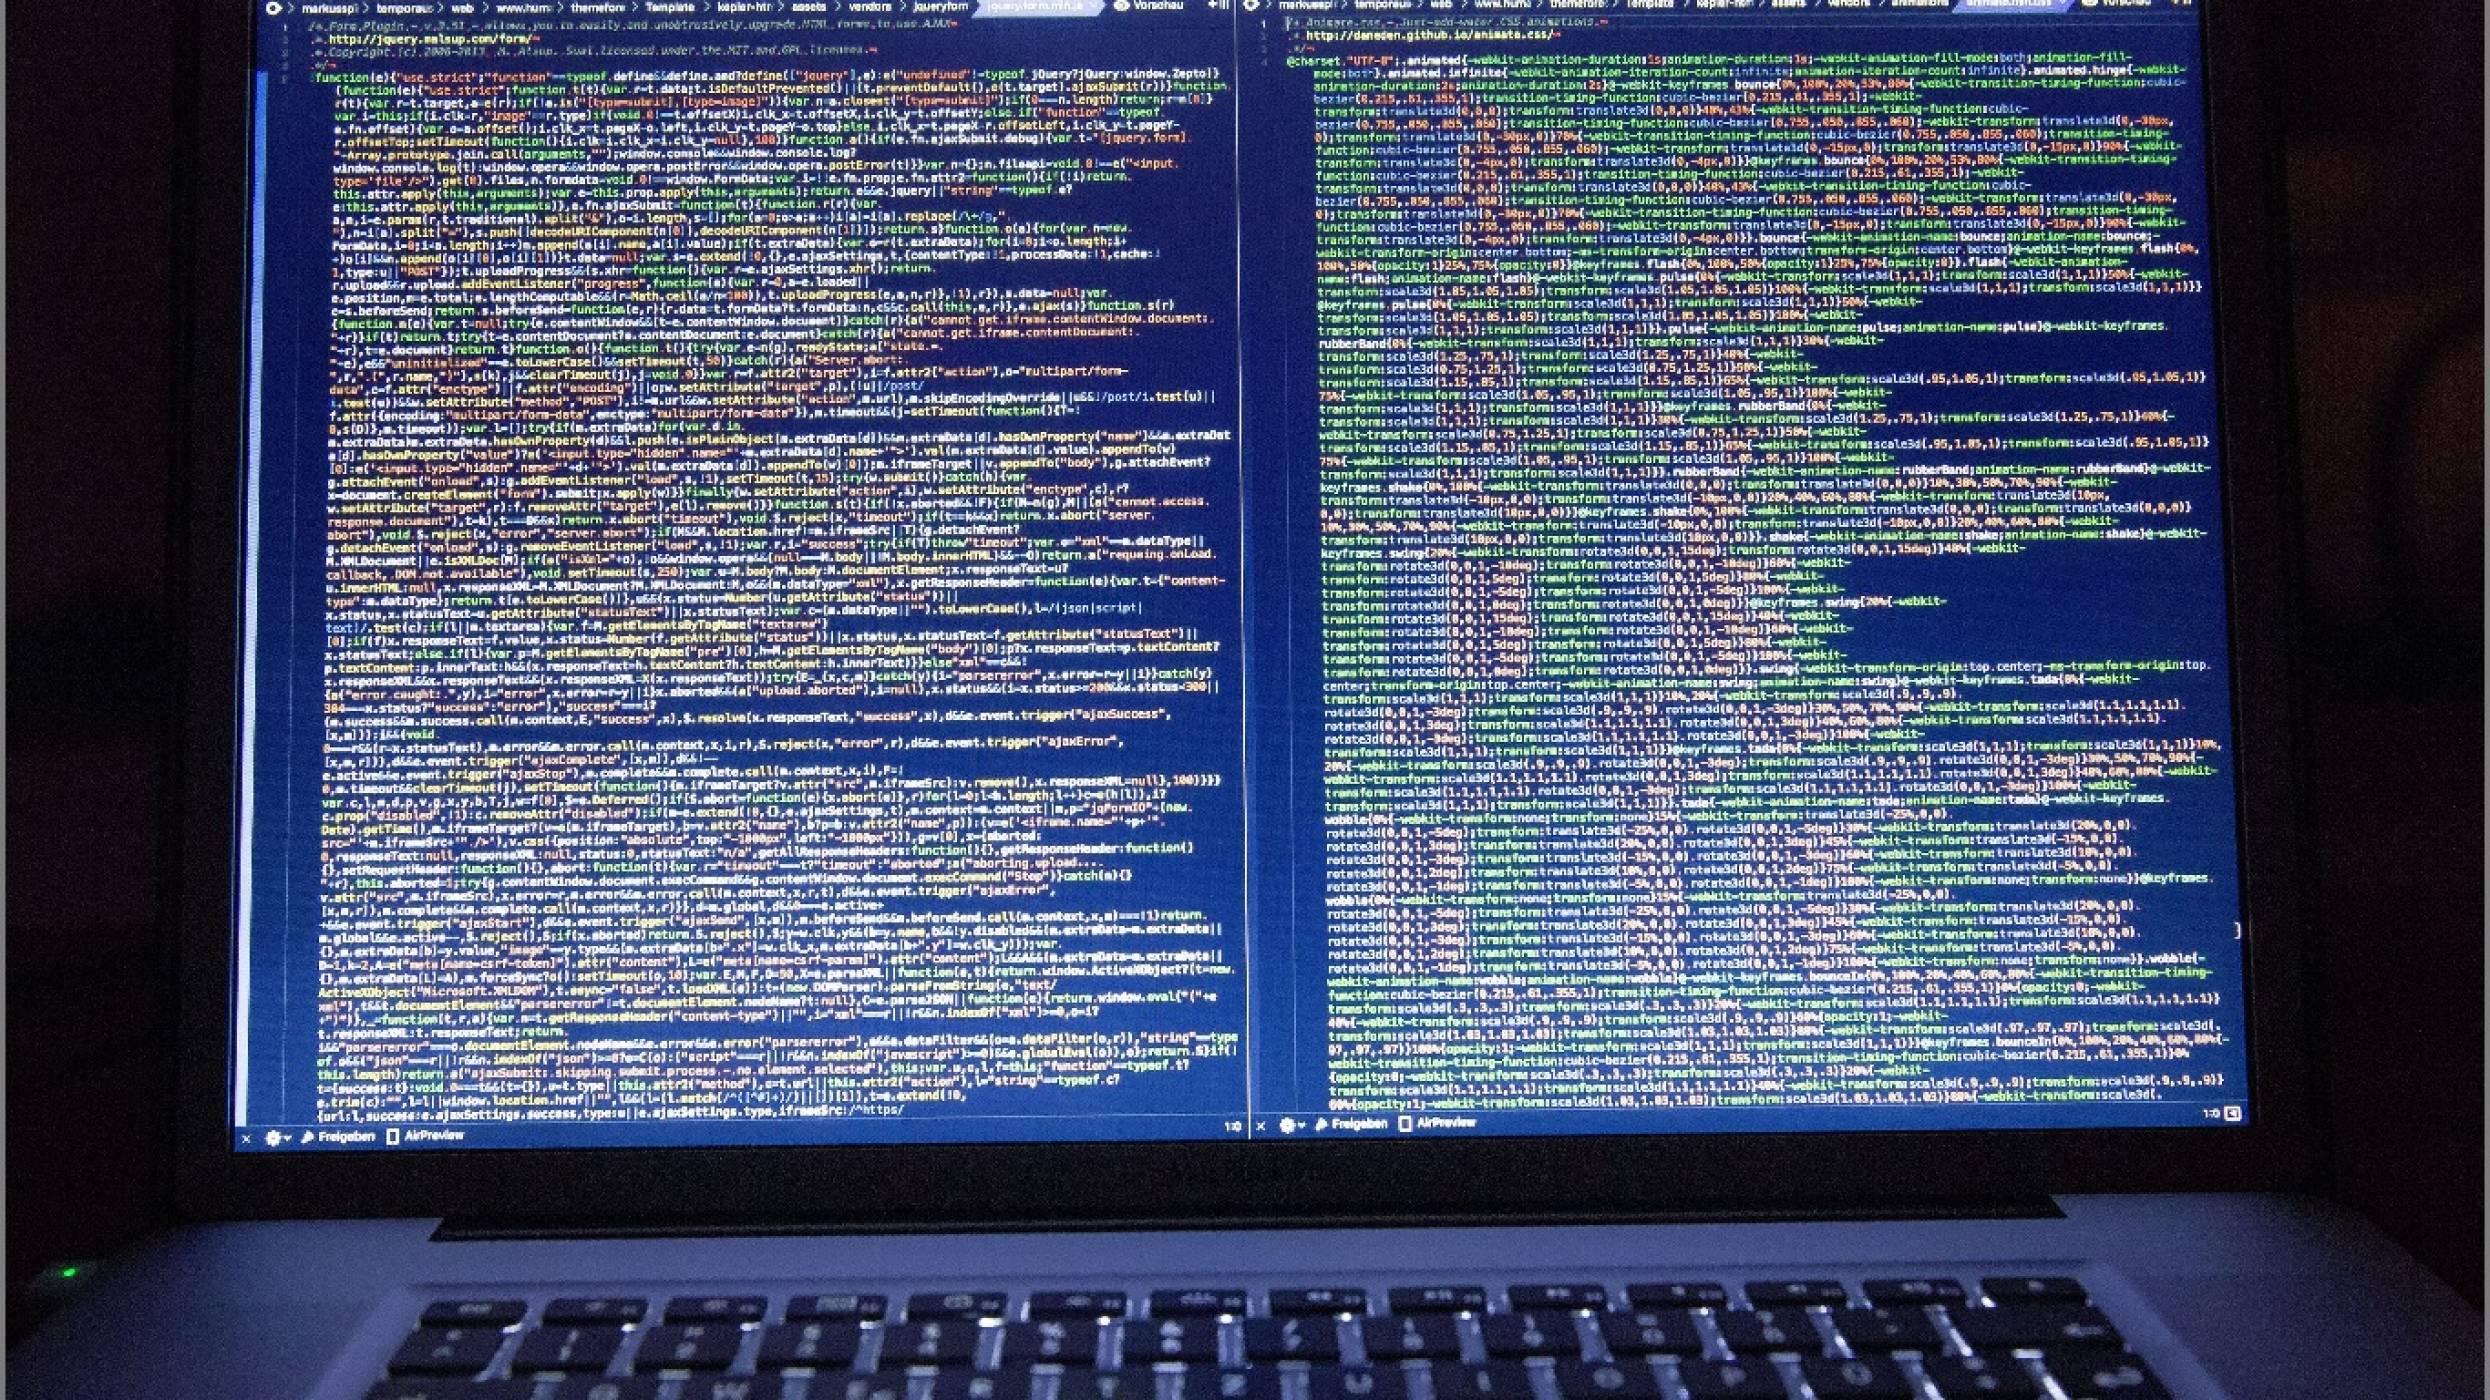 Новият сайт на Белия дом има скрито послание за наблюдателните програмисти